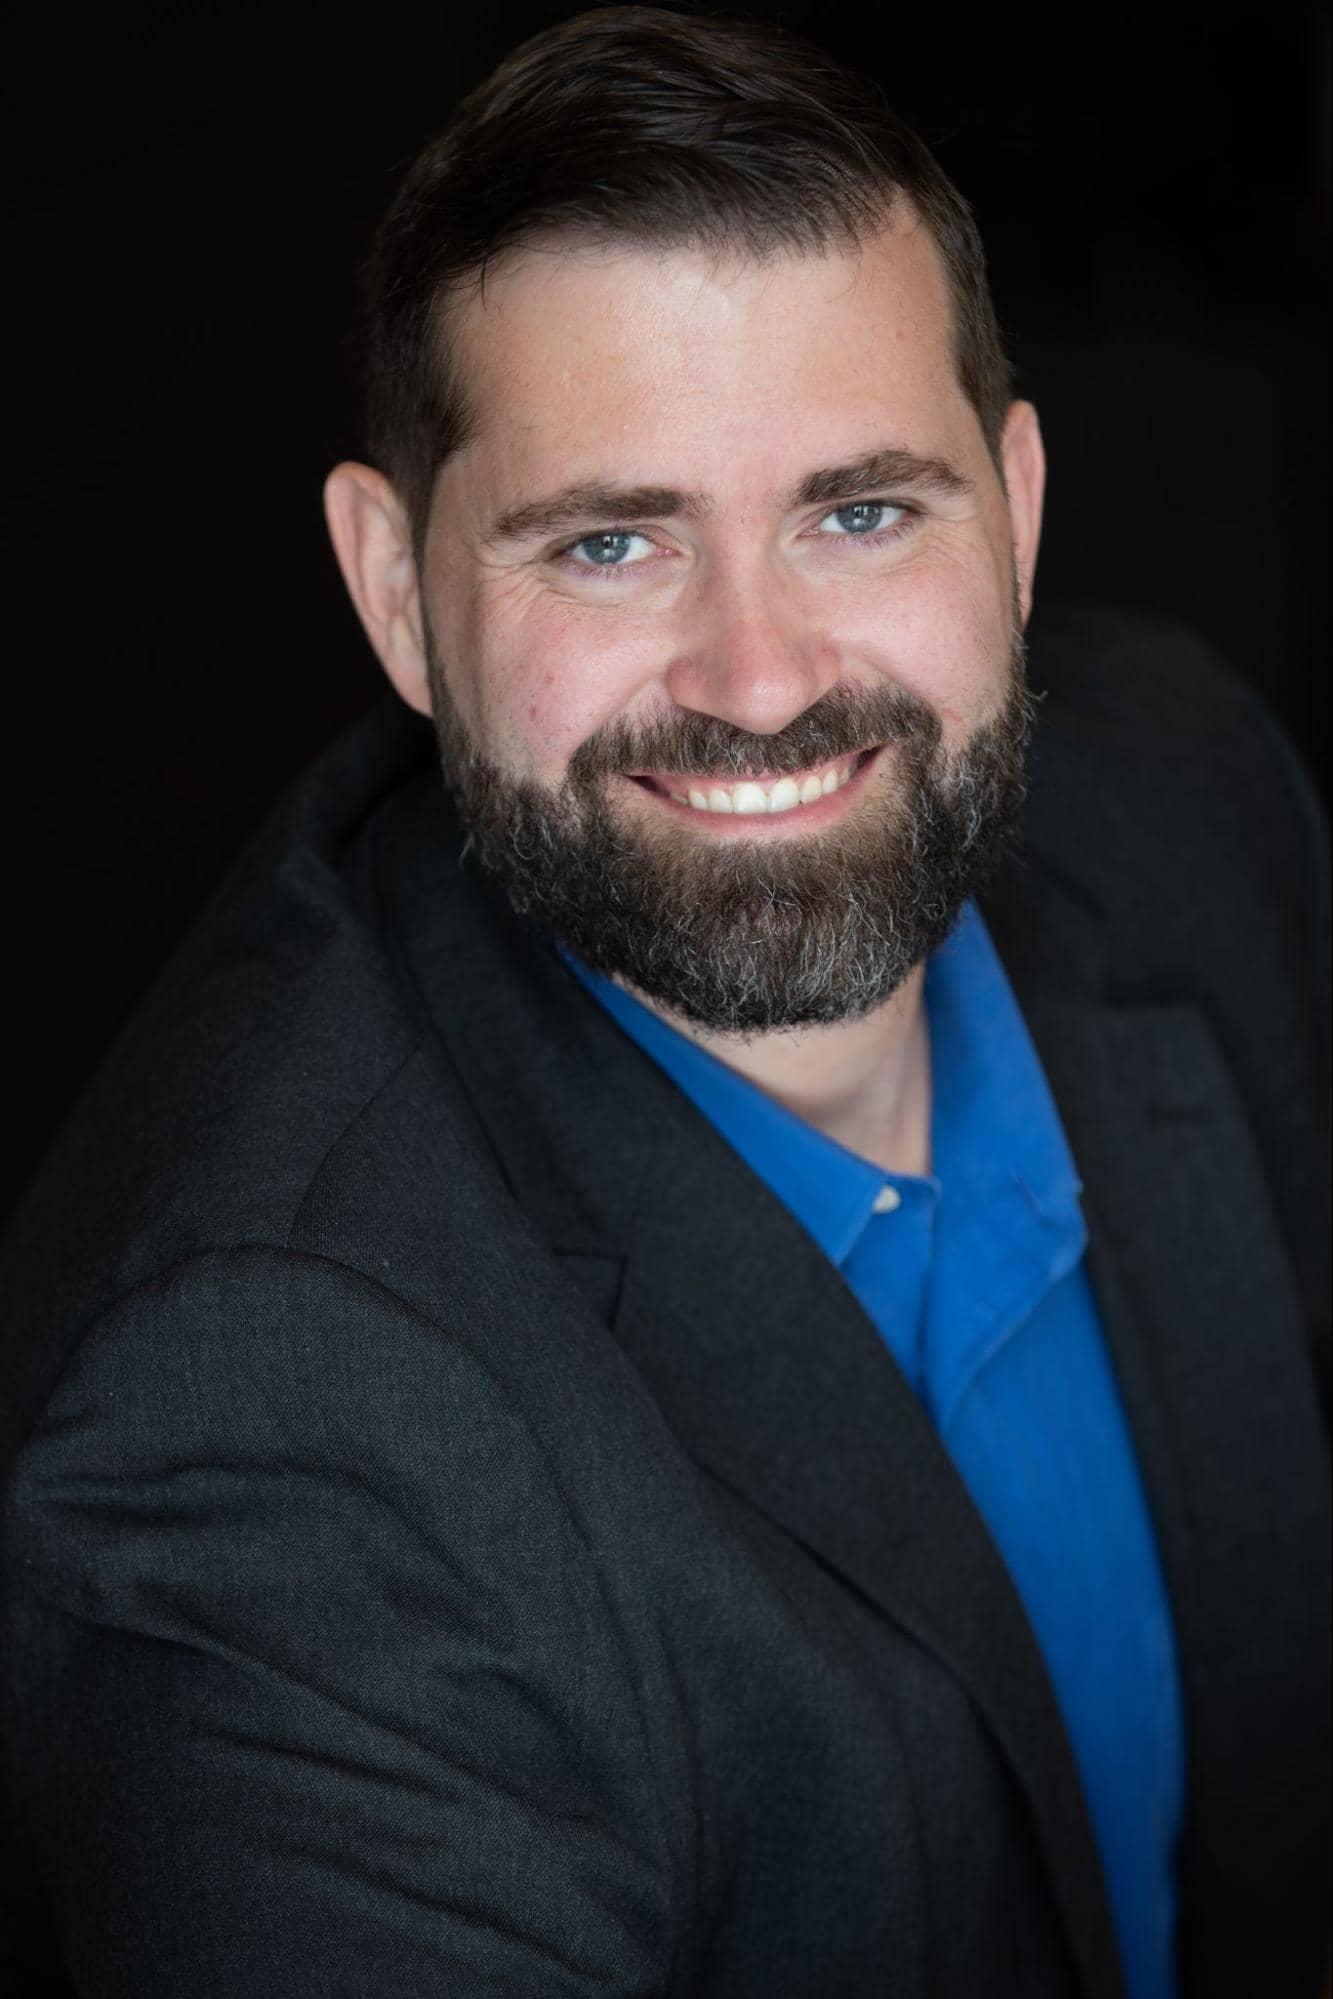 Matt Standridge